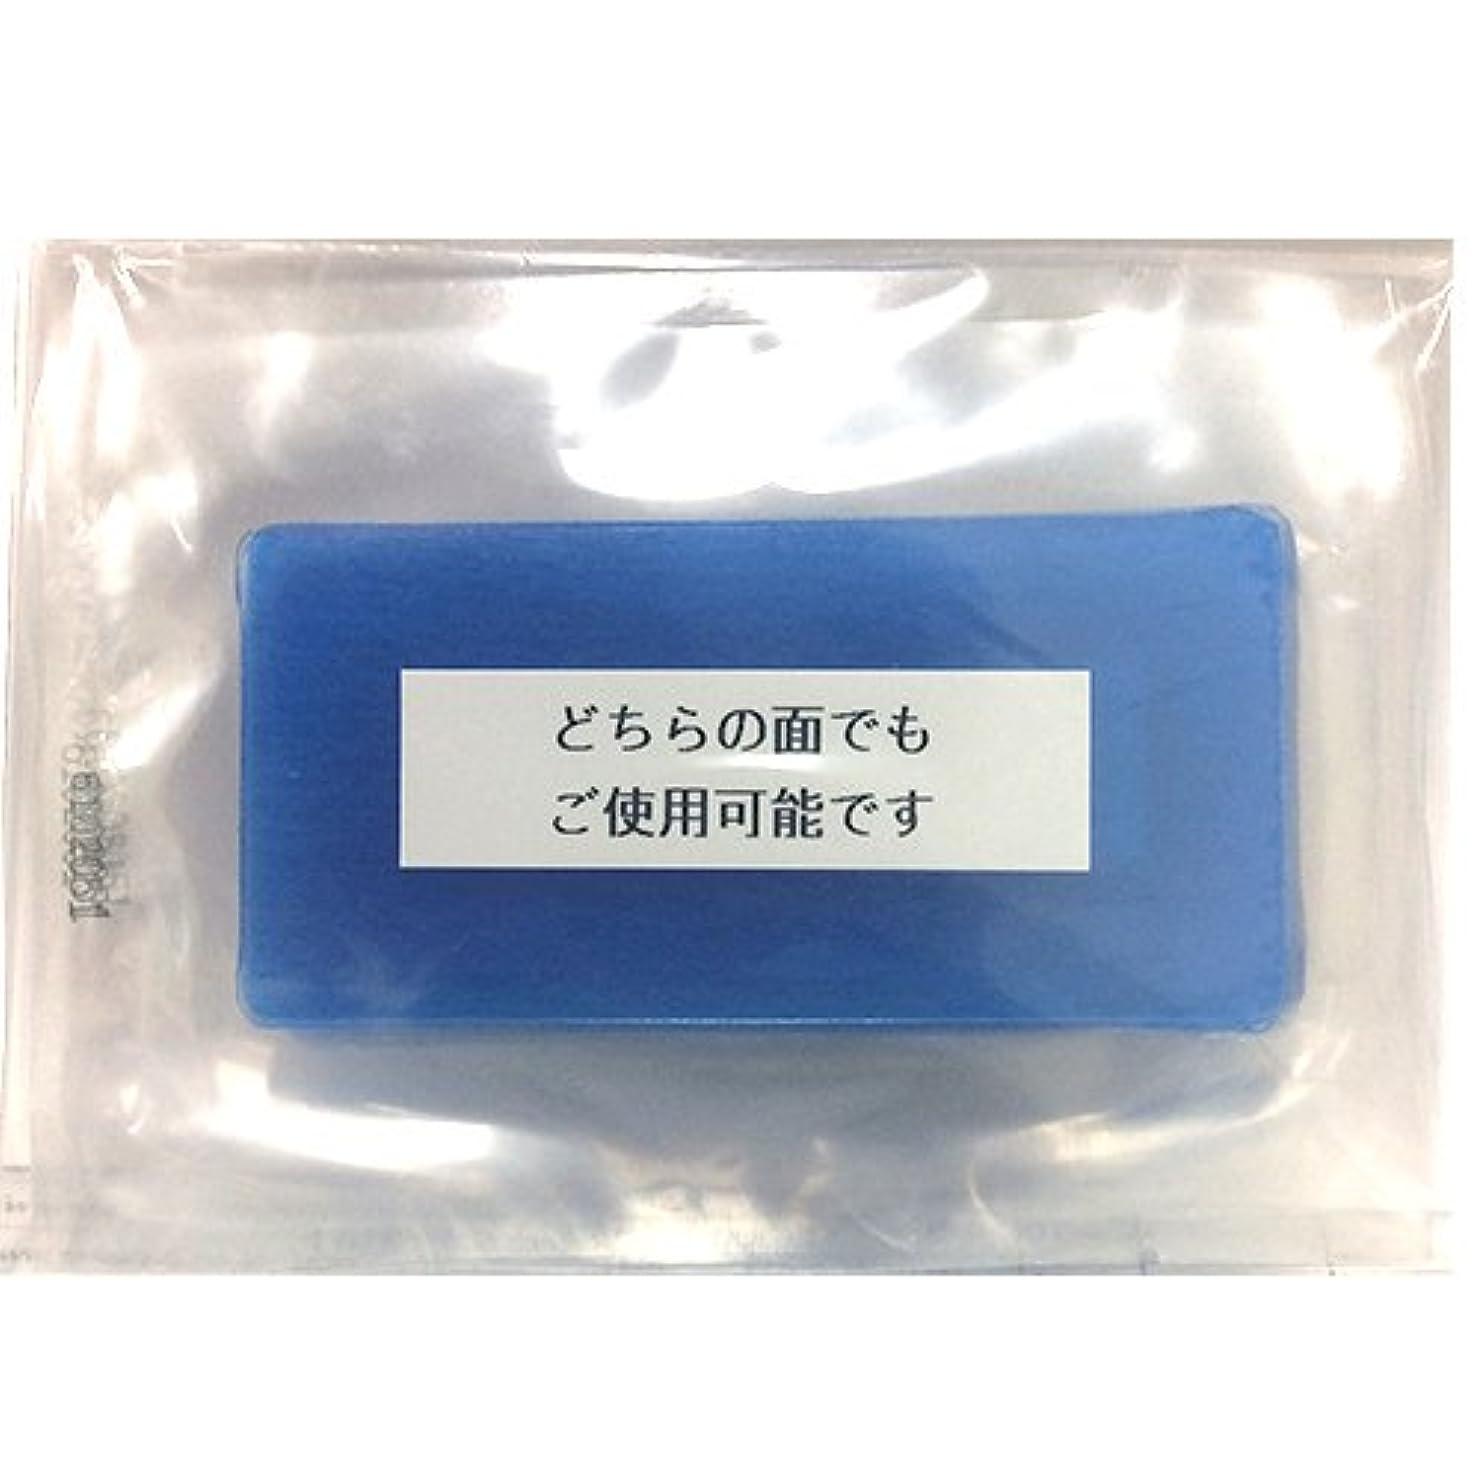 マウントバンクプラスチック静脈【ナールスリムコンプリート】(NARL Slim Complete)替え用粘着シート2パック(4枚)入り